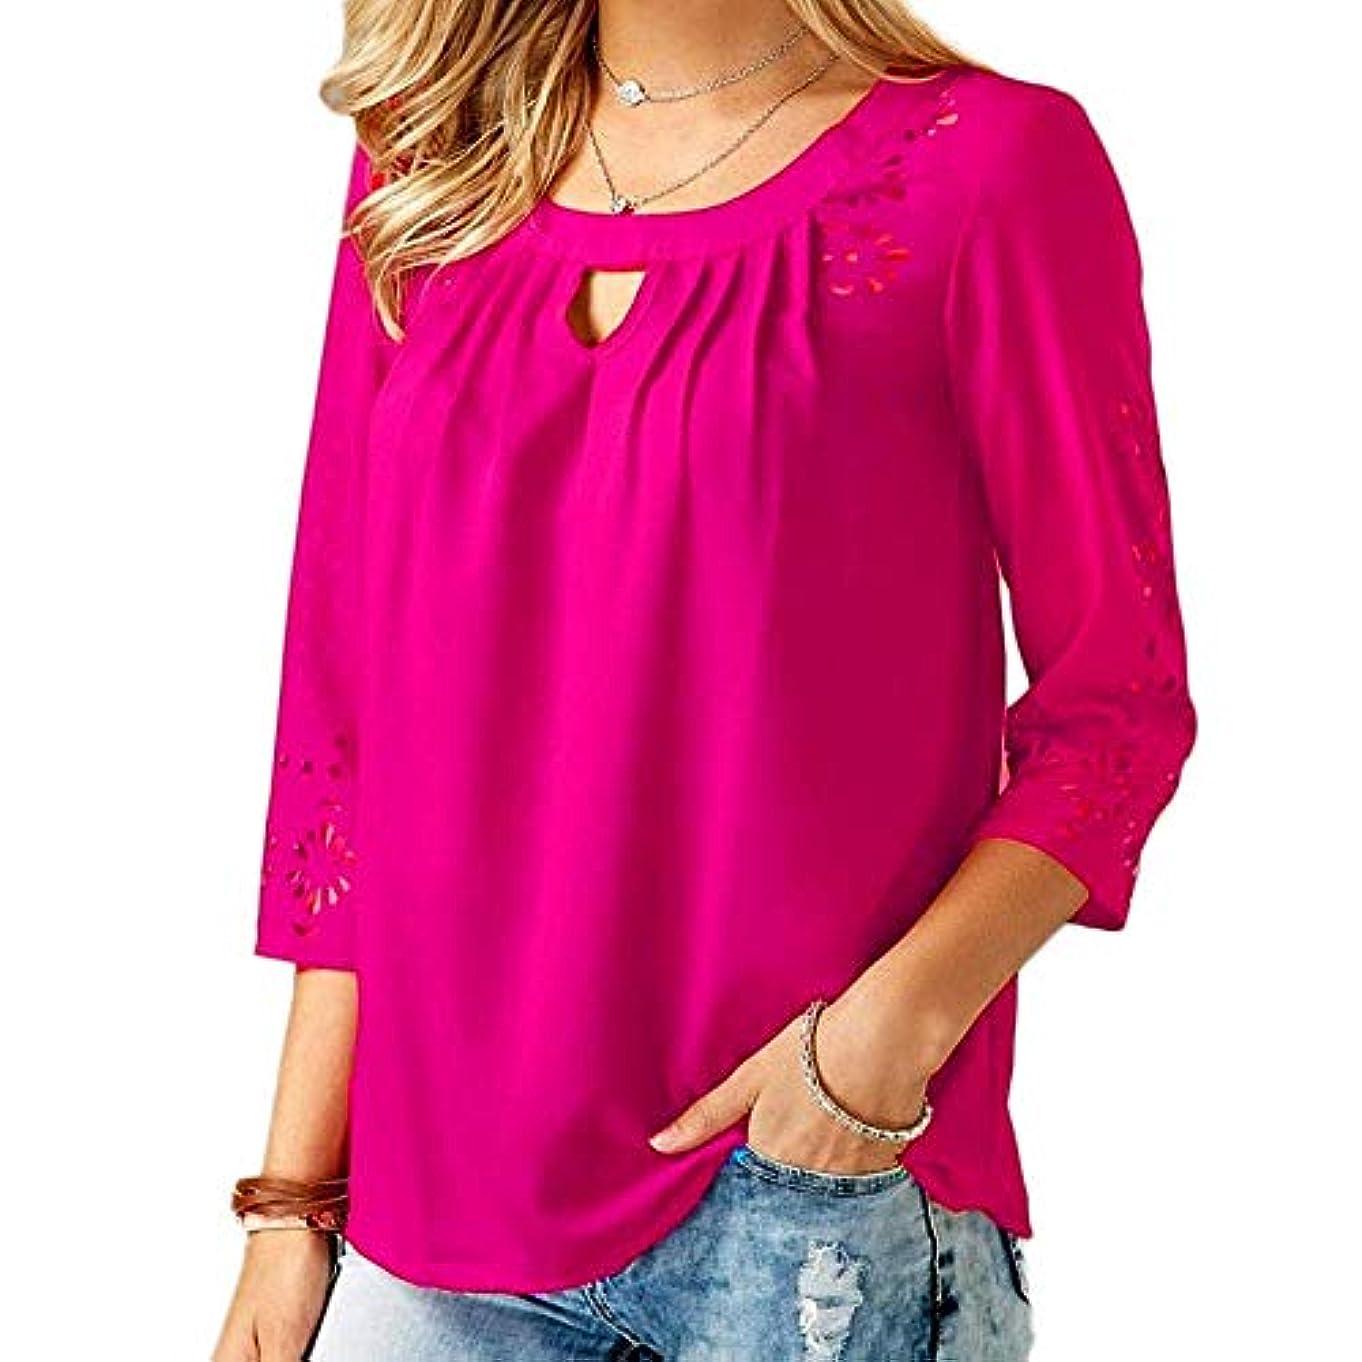 陰謀日光感度MIFAN ゆったりTシャツ、シフォンシャツ、カジュアルシャツ、女性トップ、プラスサイズトップ